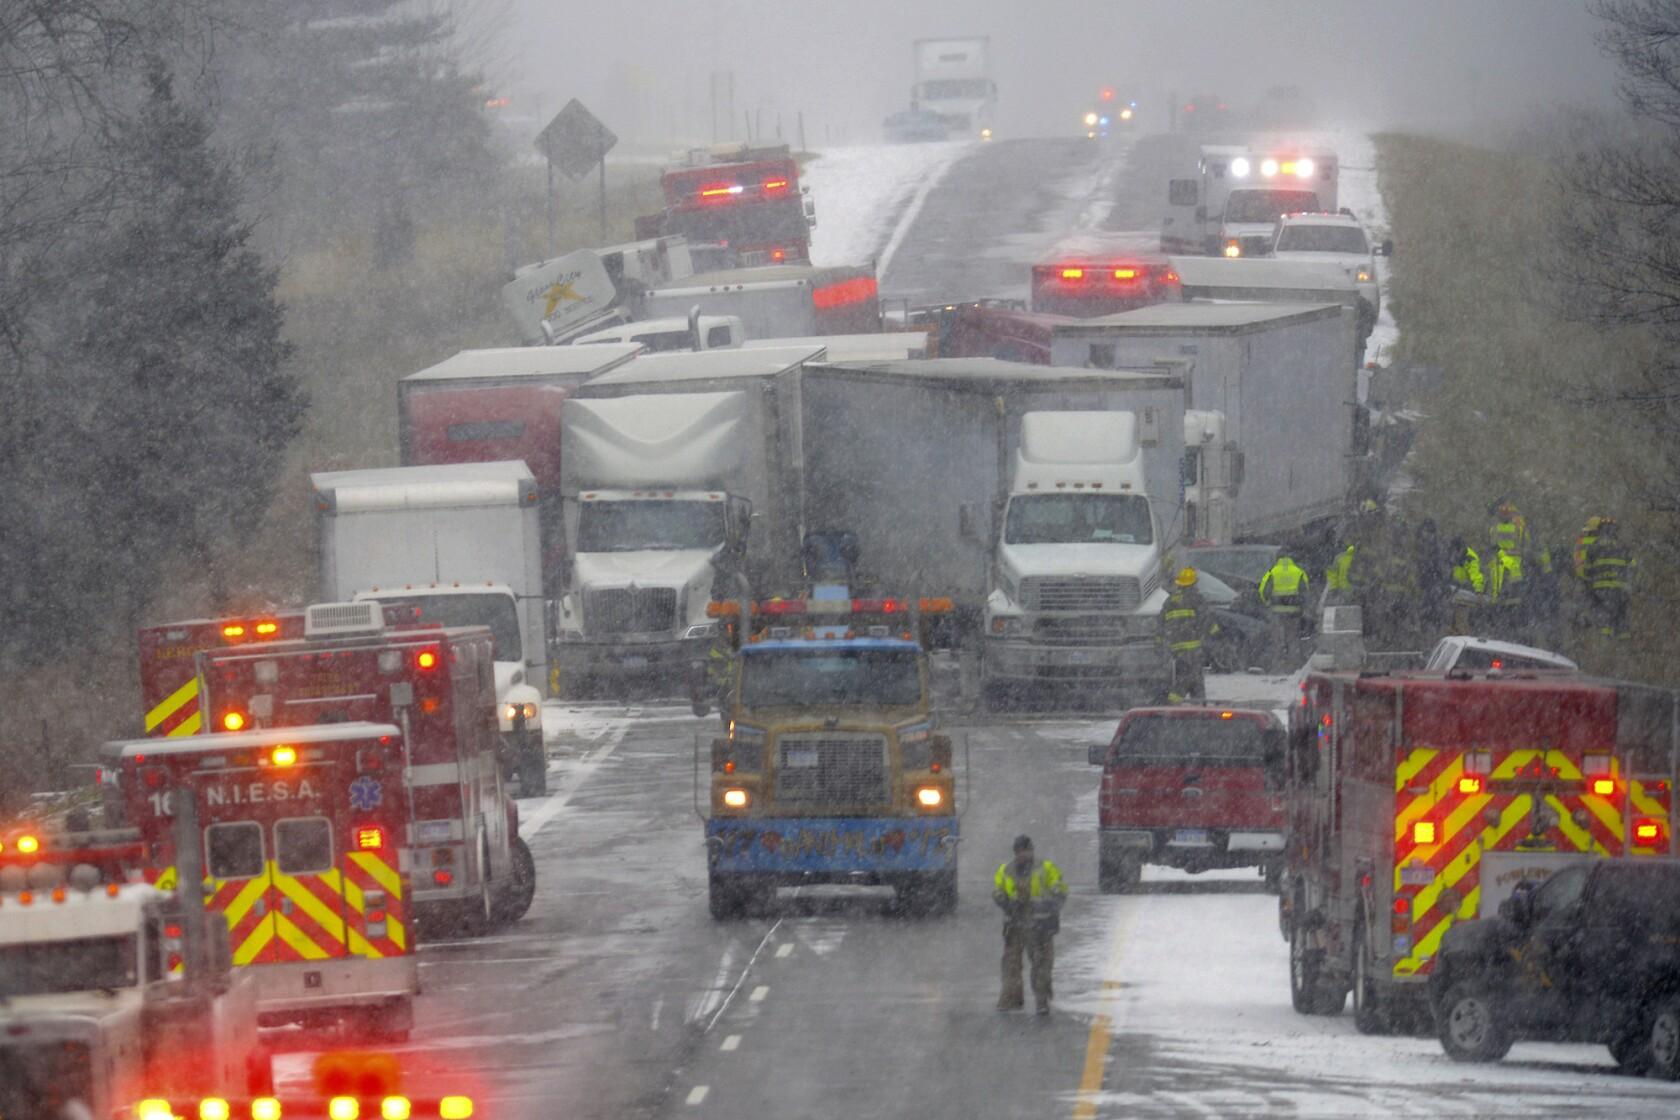 3 killed, 11 injured in 40-vehicle pileup on slick Michigan